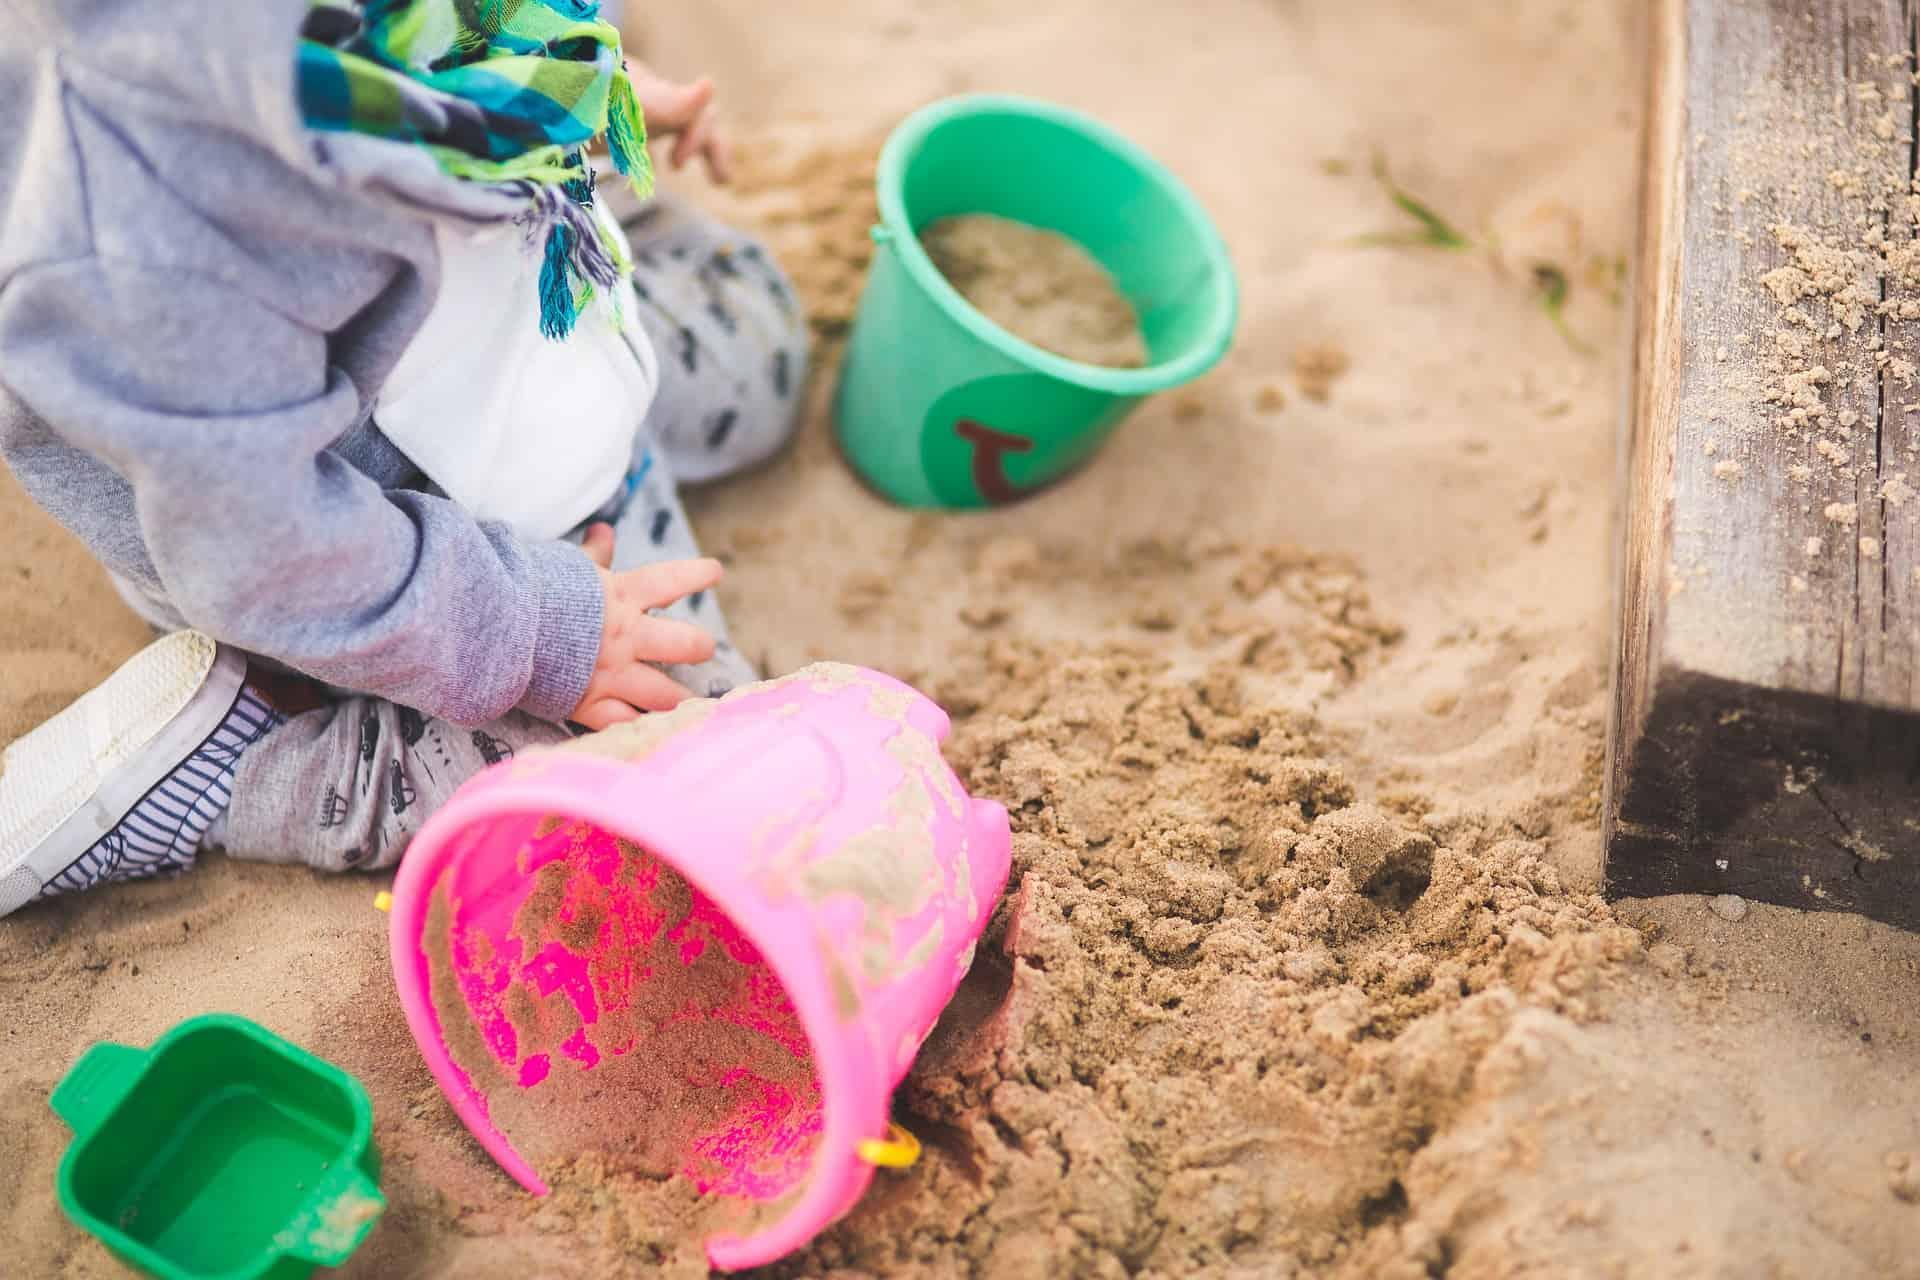 Sandkastenabdeckung: Test & Empfehlungen (03/20)